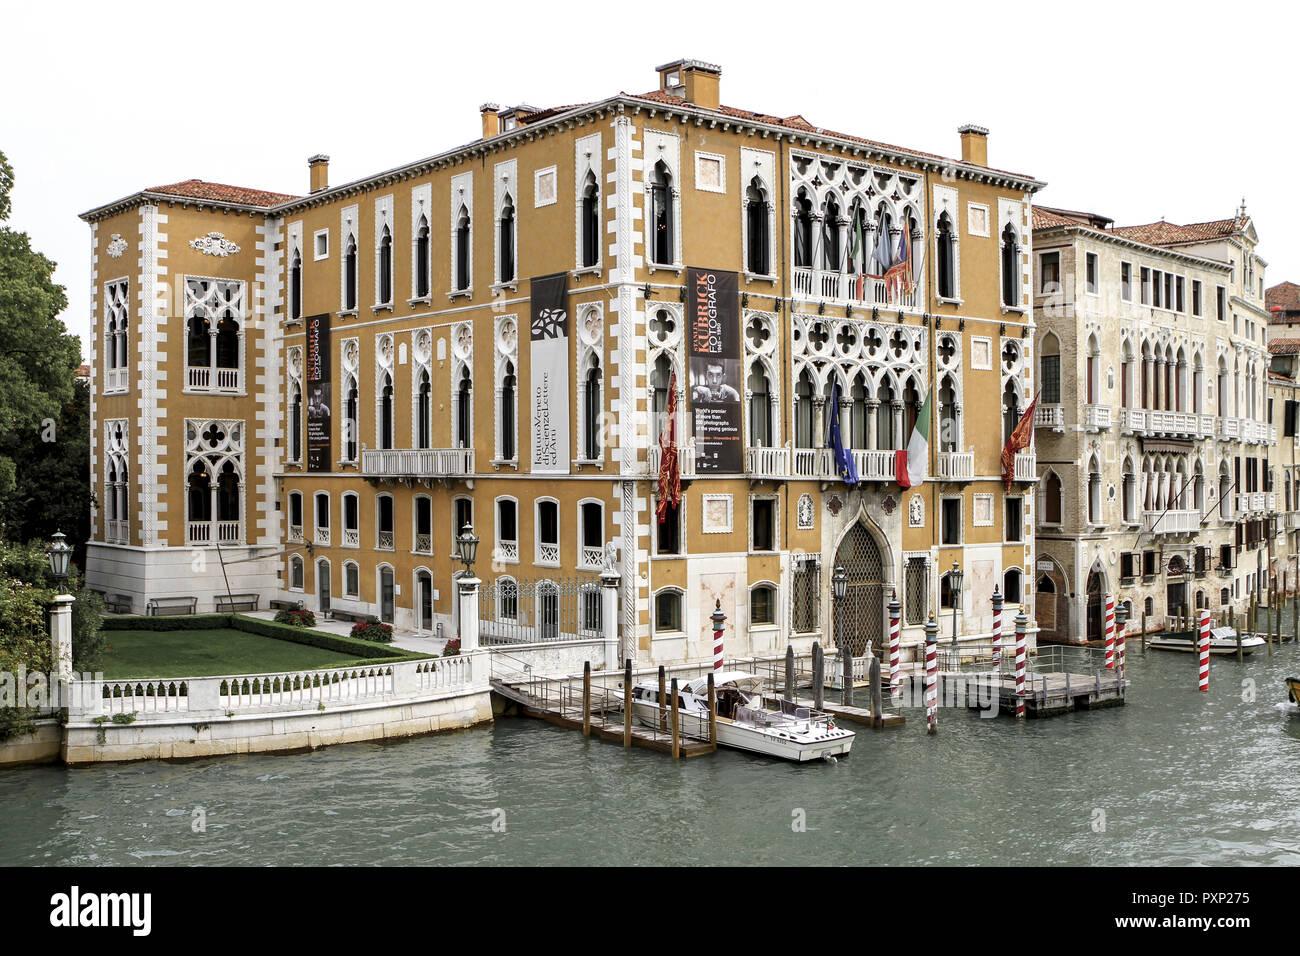 Palazzo Cavalli Franchetti und B·rbaro am Canale Grande in Venedig, Italien Stock Photo